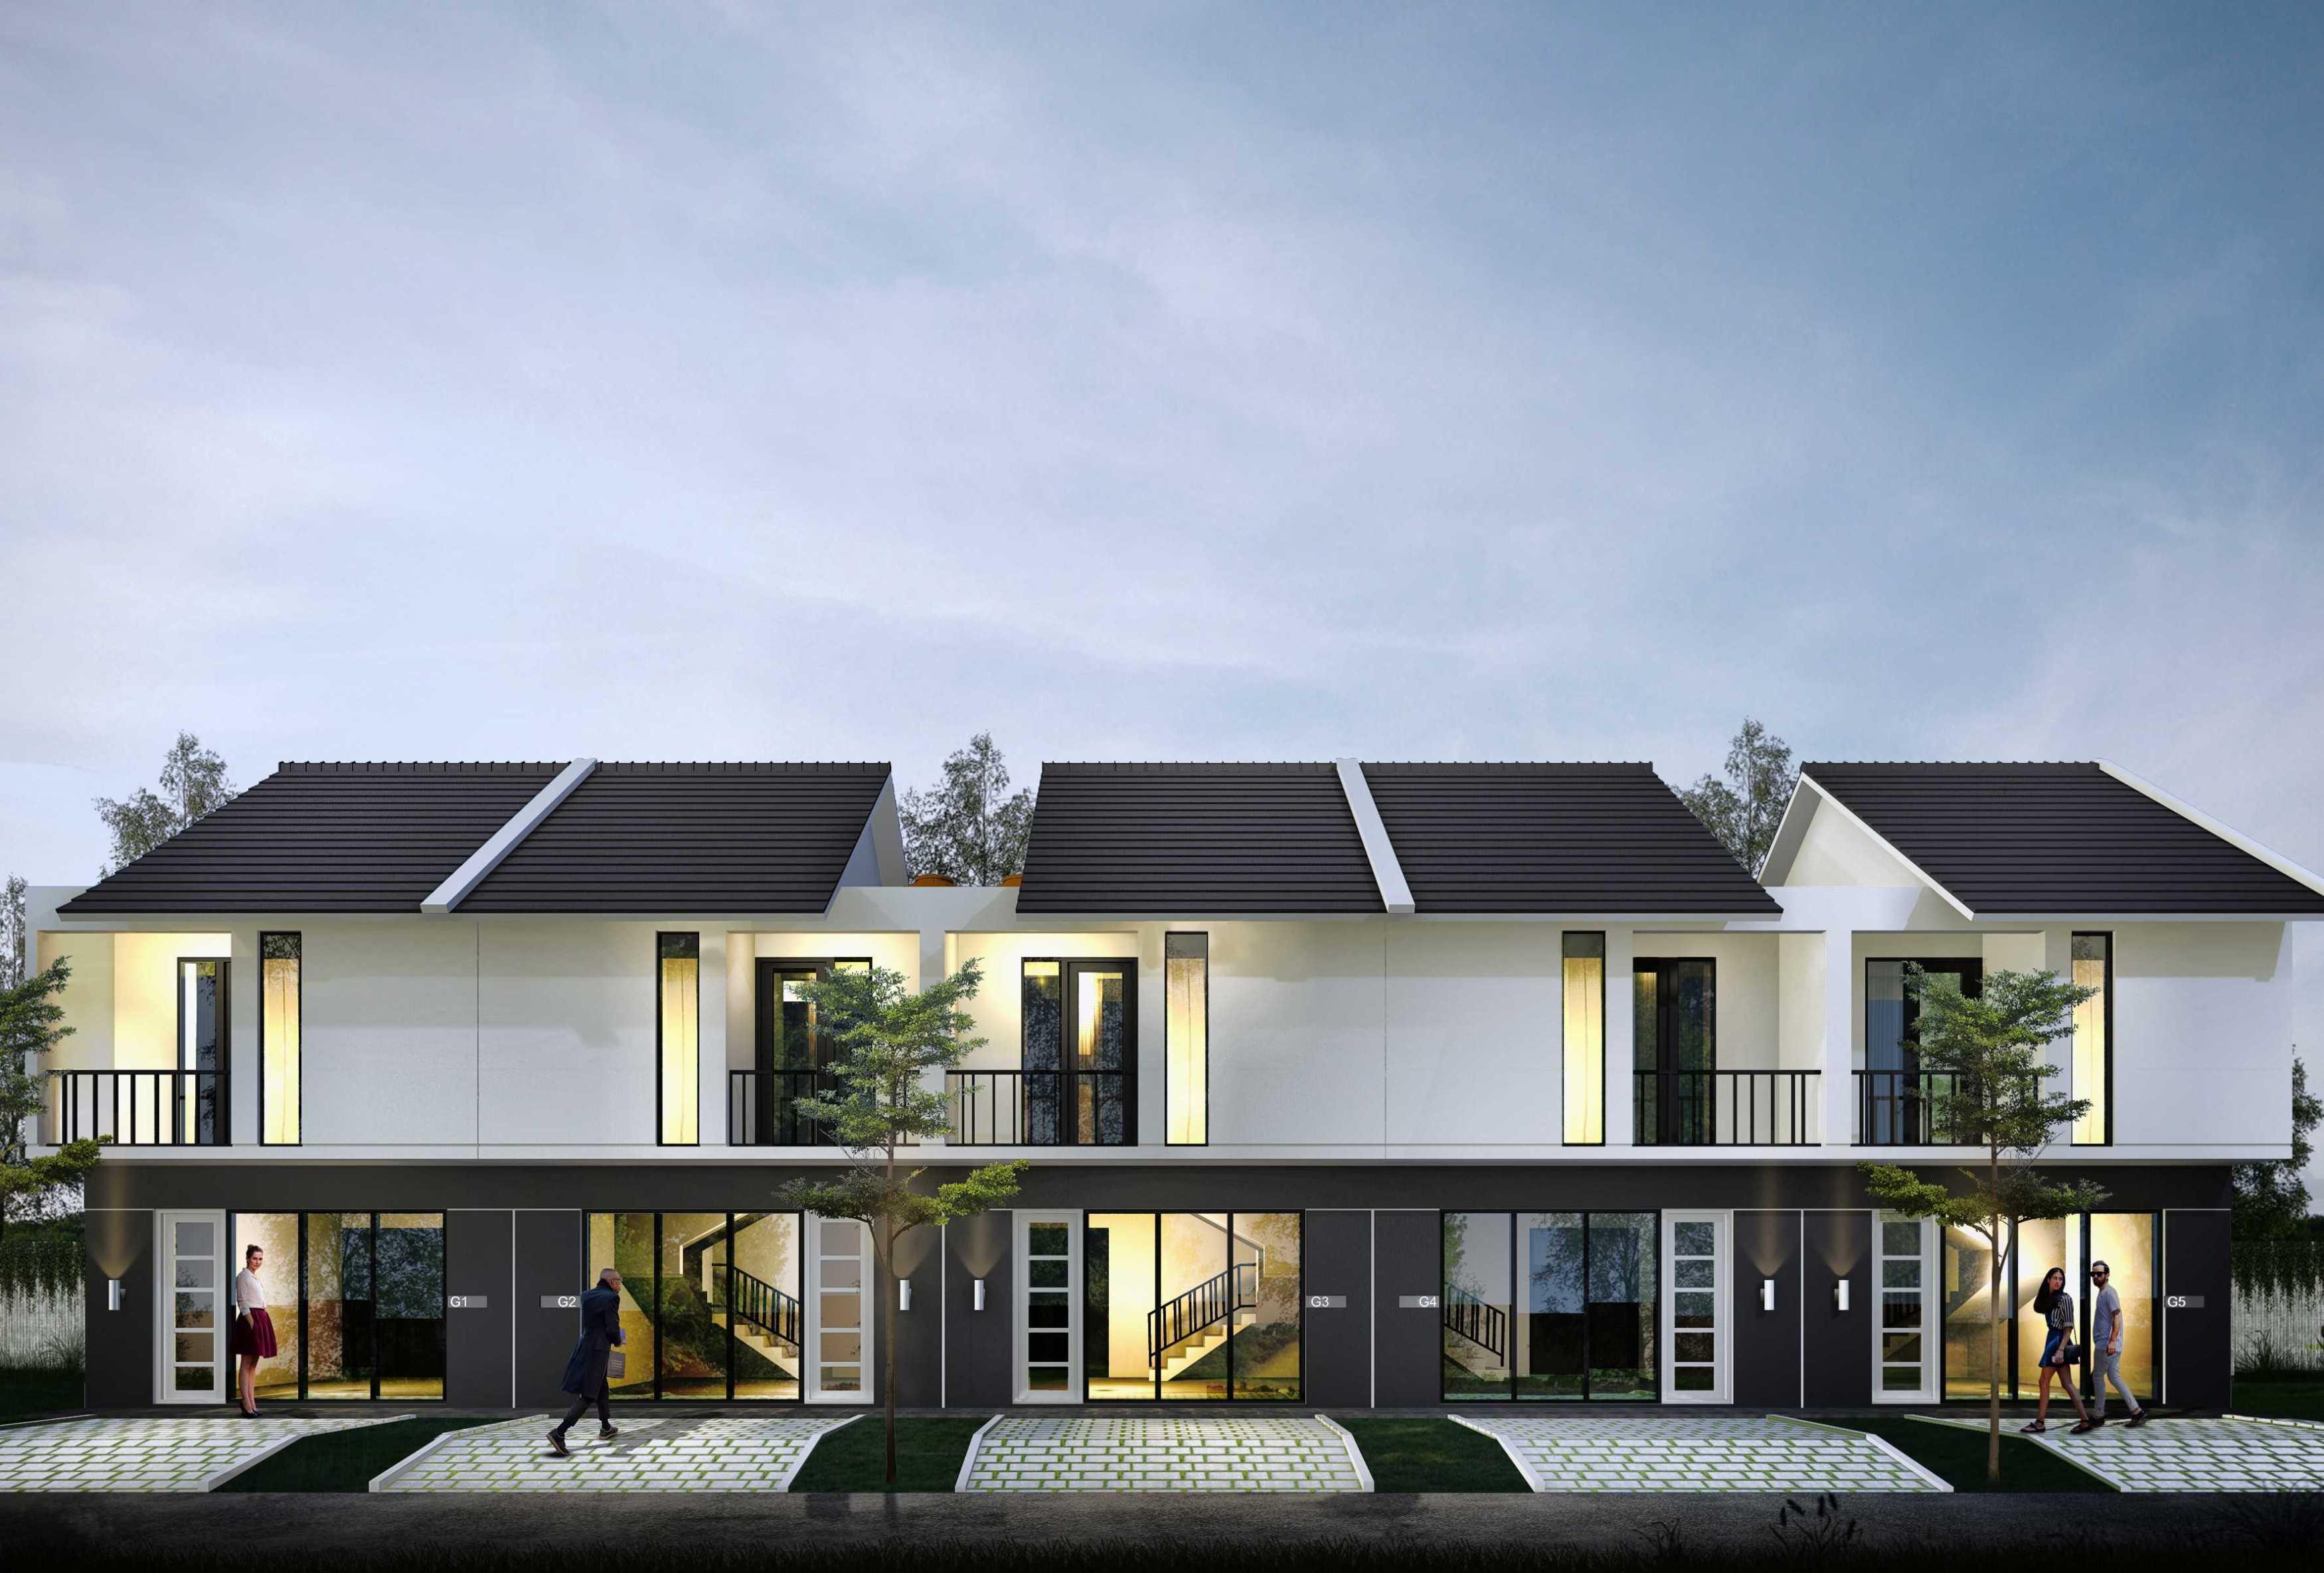 Atelier Baou+ Gv House  Depok, Kota Depok, Jawa Barat, Indonesia Depok, Kota Depok, Jawa Barat, Indonesia Front View   52440